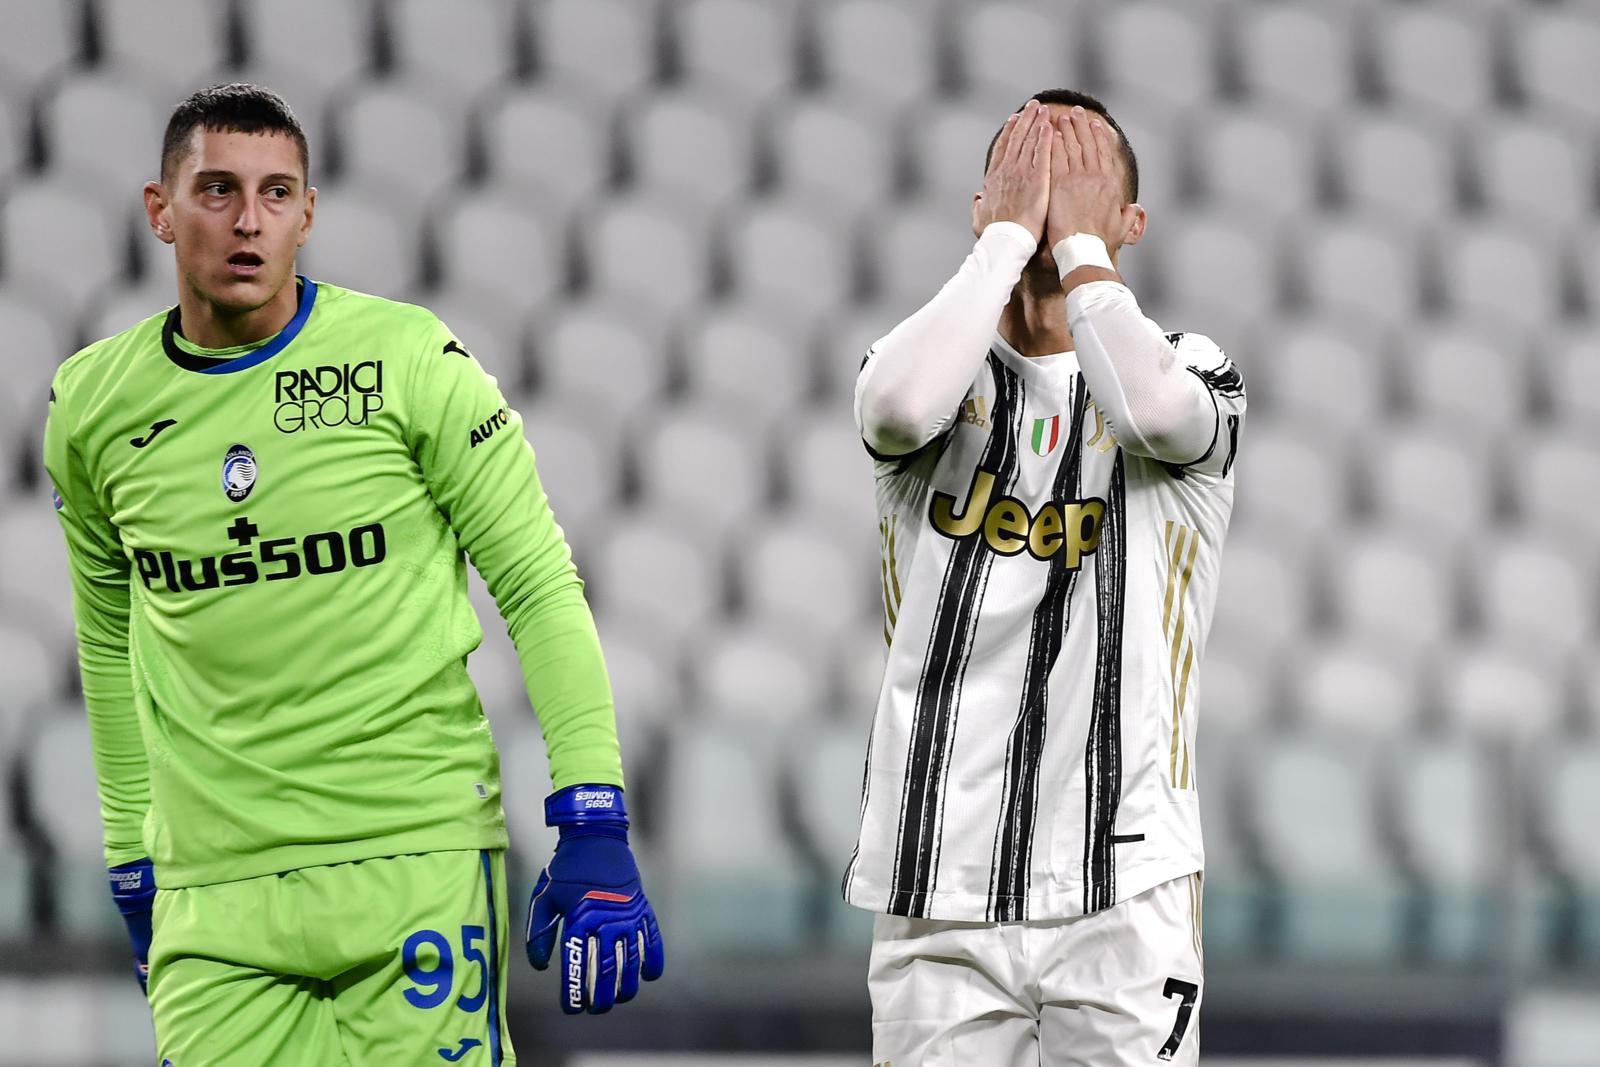 Juve-Atalanta 1-1, che spettacolo: Gollini super su Ronaldo, gol di Chiesa e Freuler